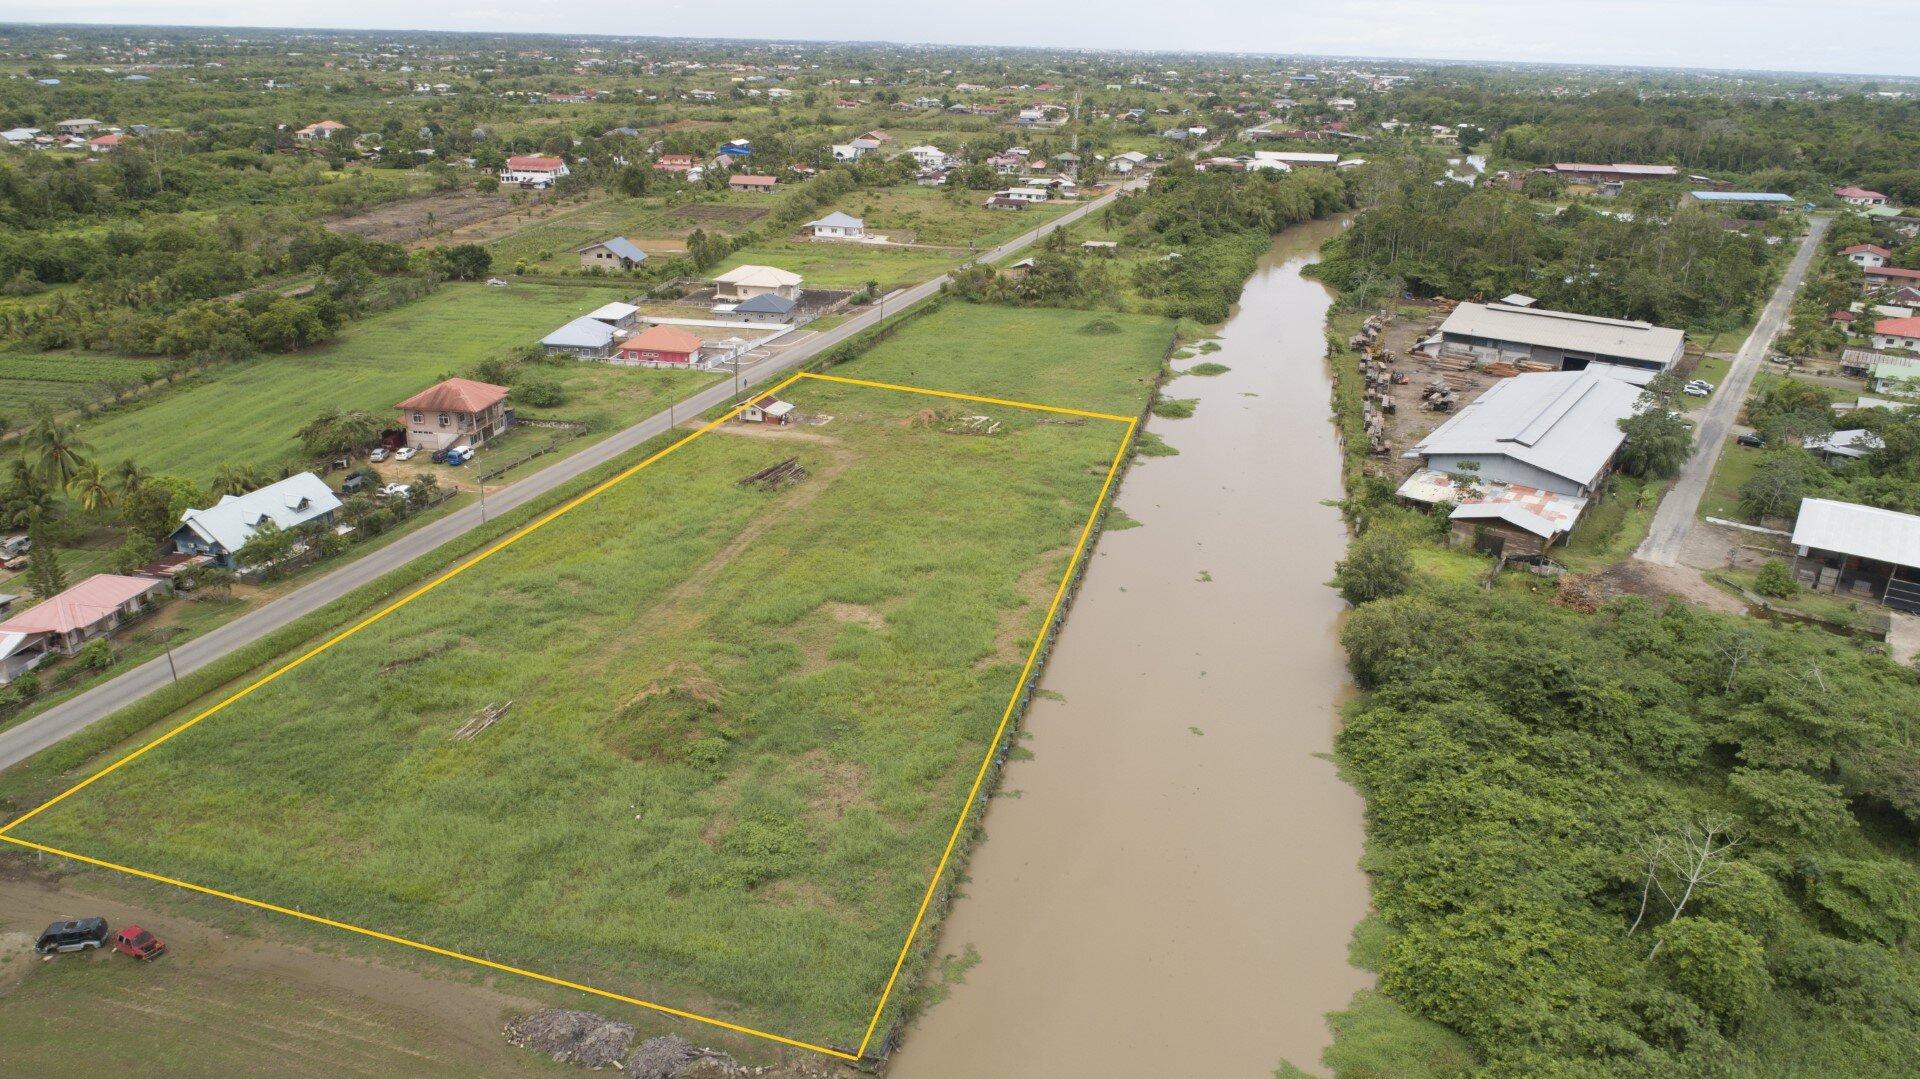 Leiding 7a perceel 104 - Commercieel terrein aan de Commissaris Weytinghweg - Surgoed Makelaardij NV - Paramaribo, Suriname